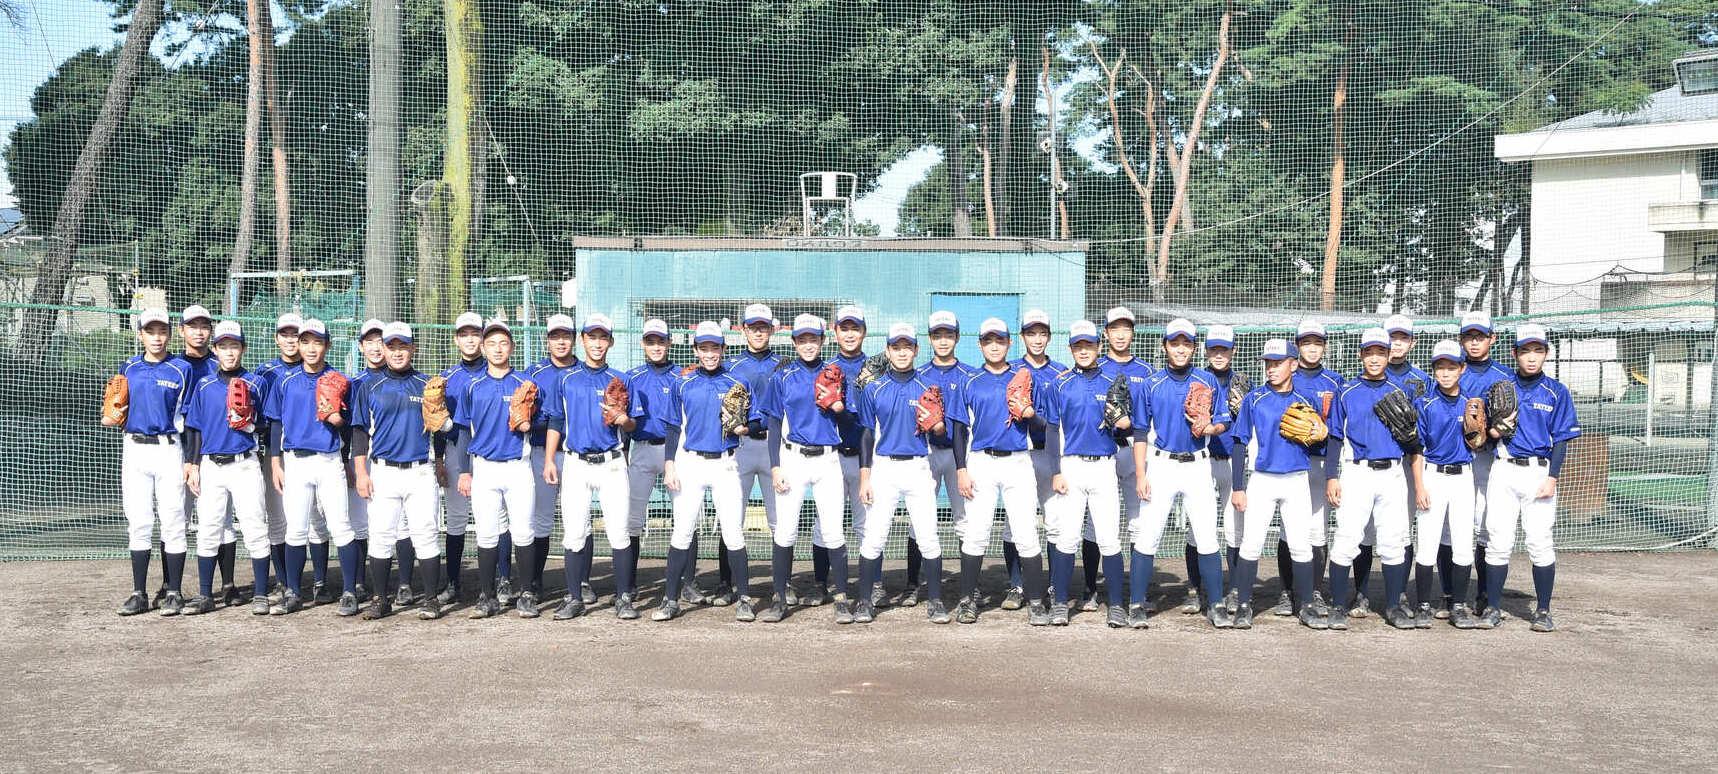 【館林 野球部】「革命〜弱者から強者へ〜」#館林高校